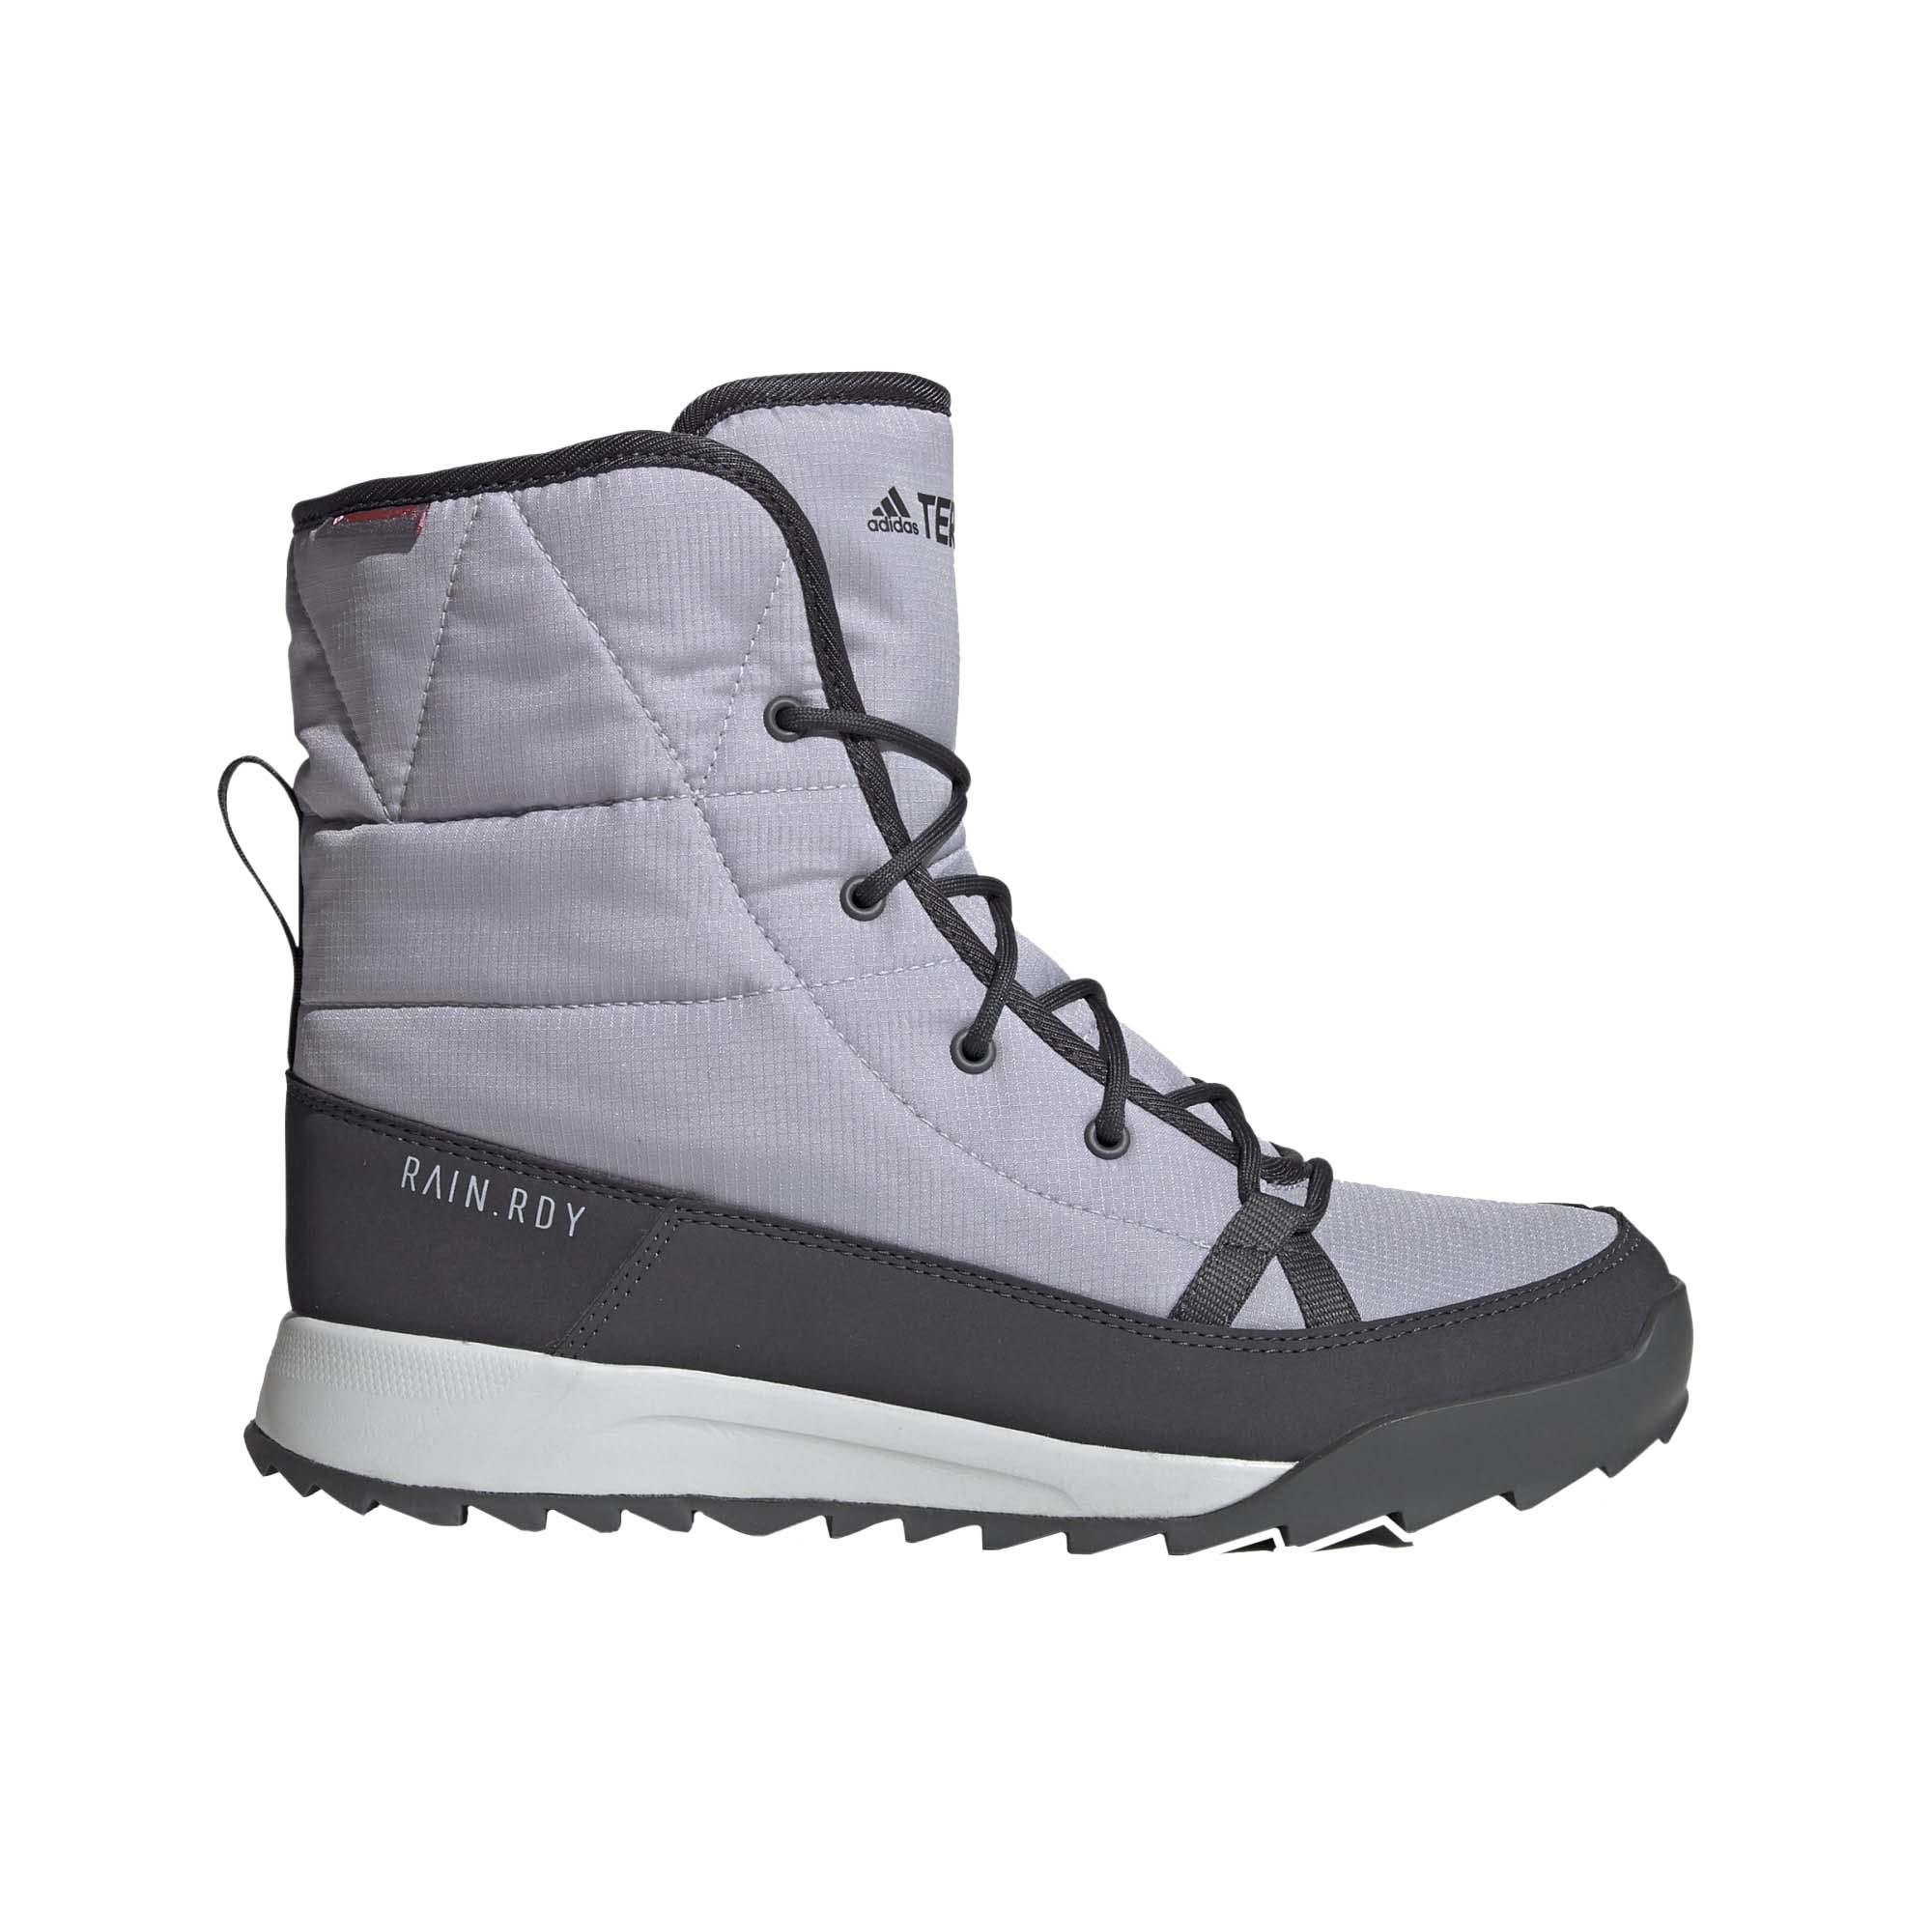 Ботинки Adidas Terrex Choleah Padded Climaproof Glory Grey/Dgh Solid Grey/Purple Tint 8 UK